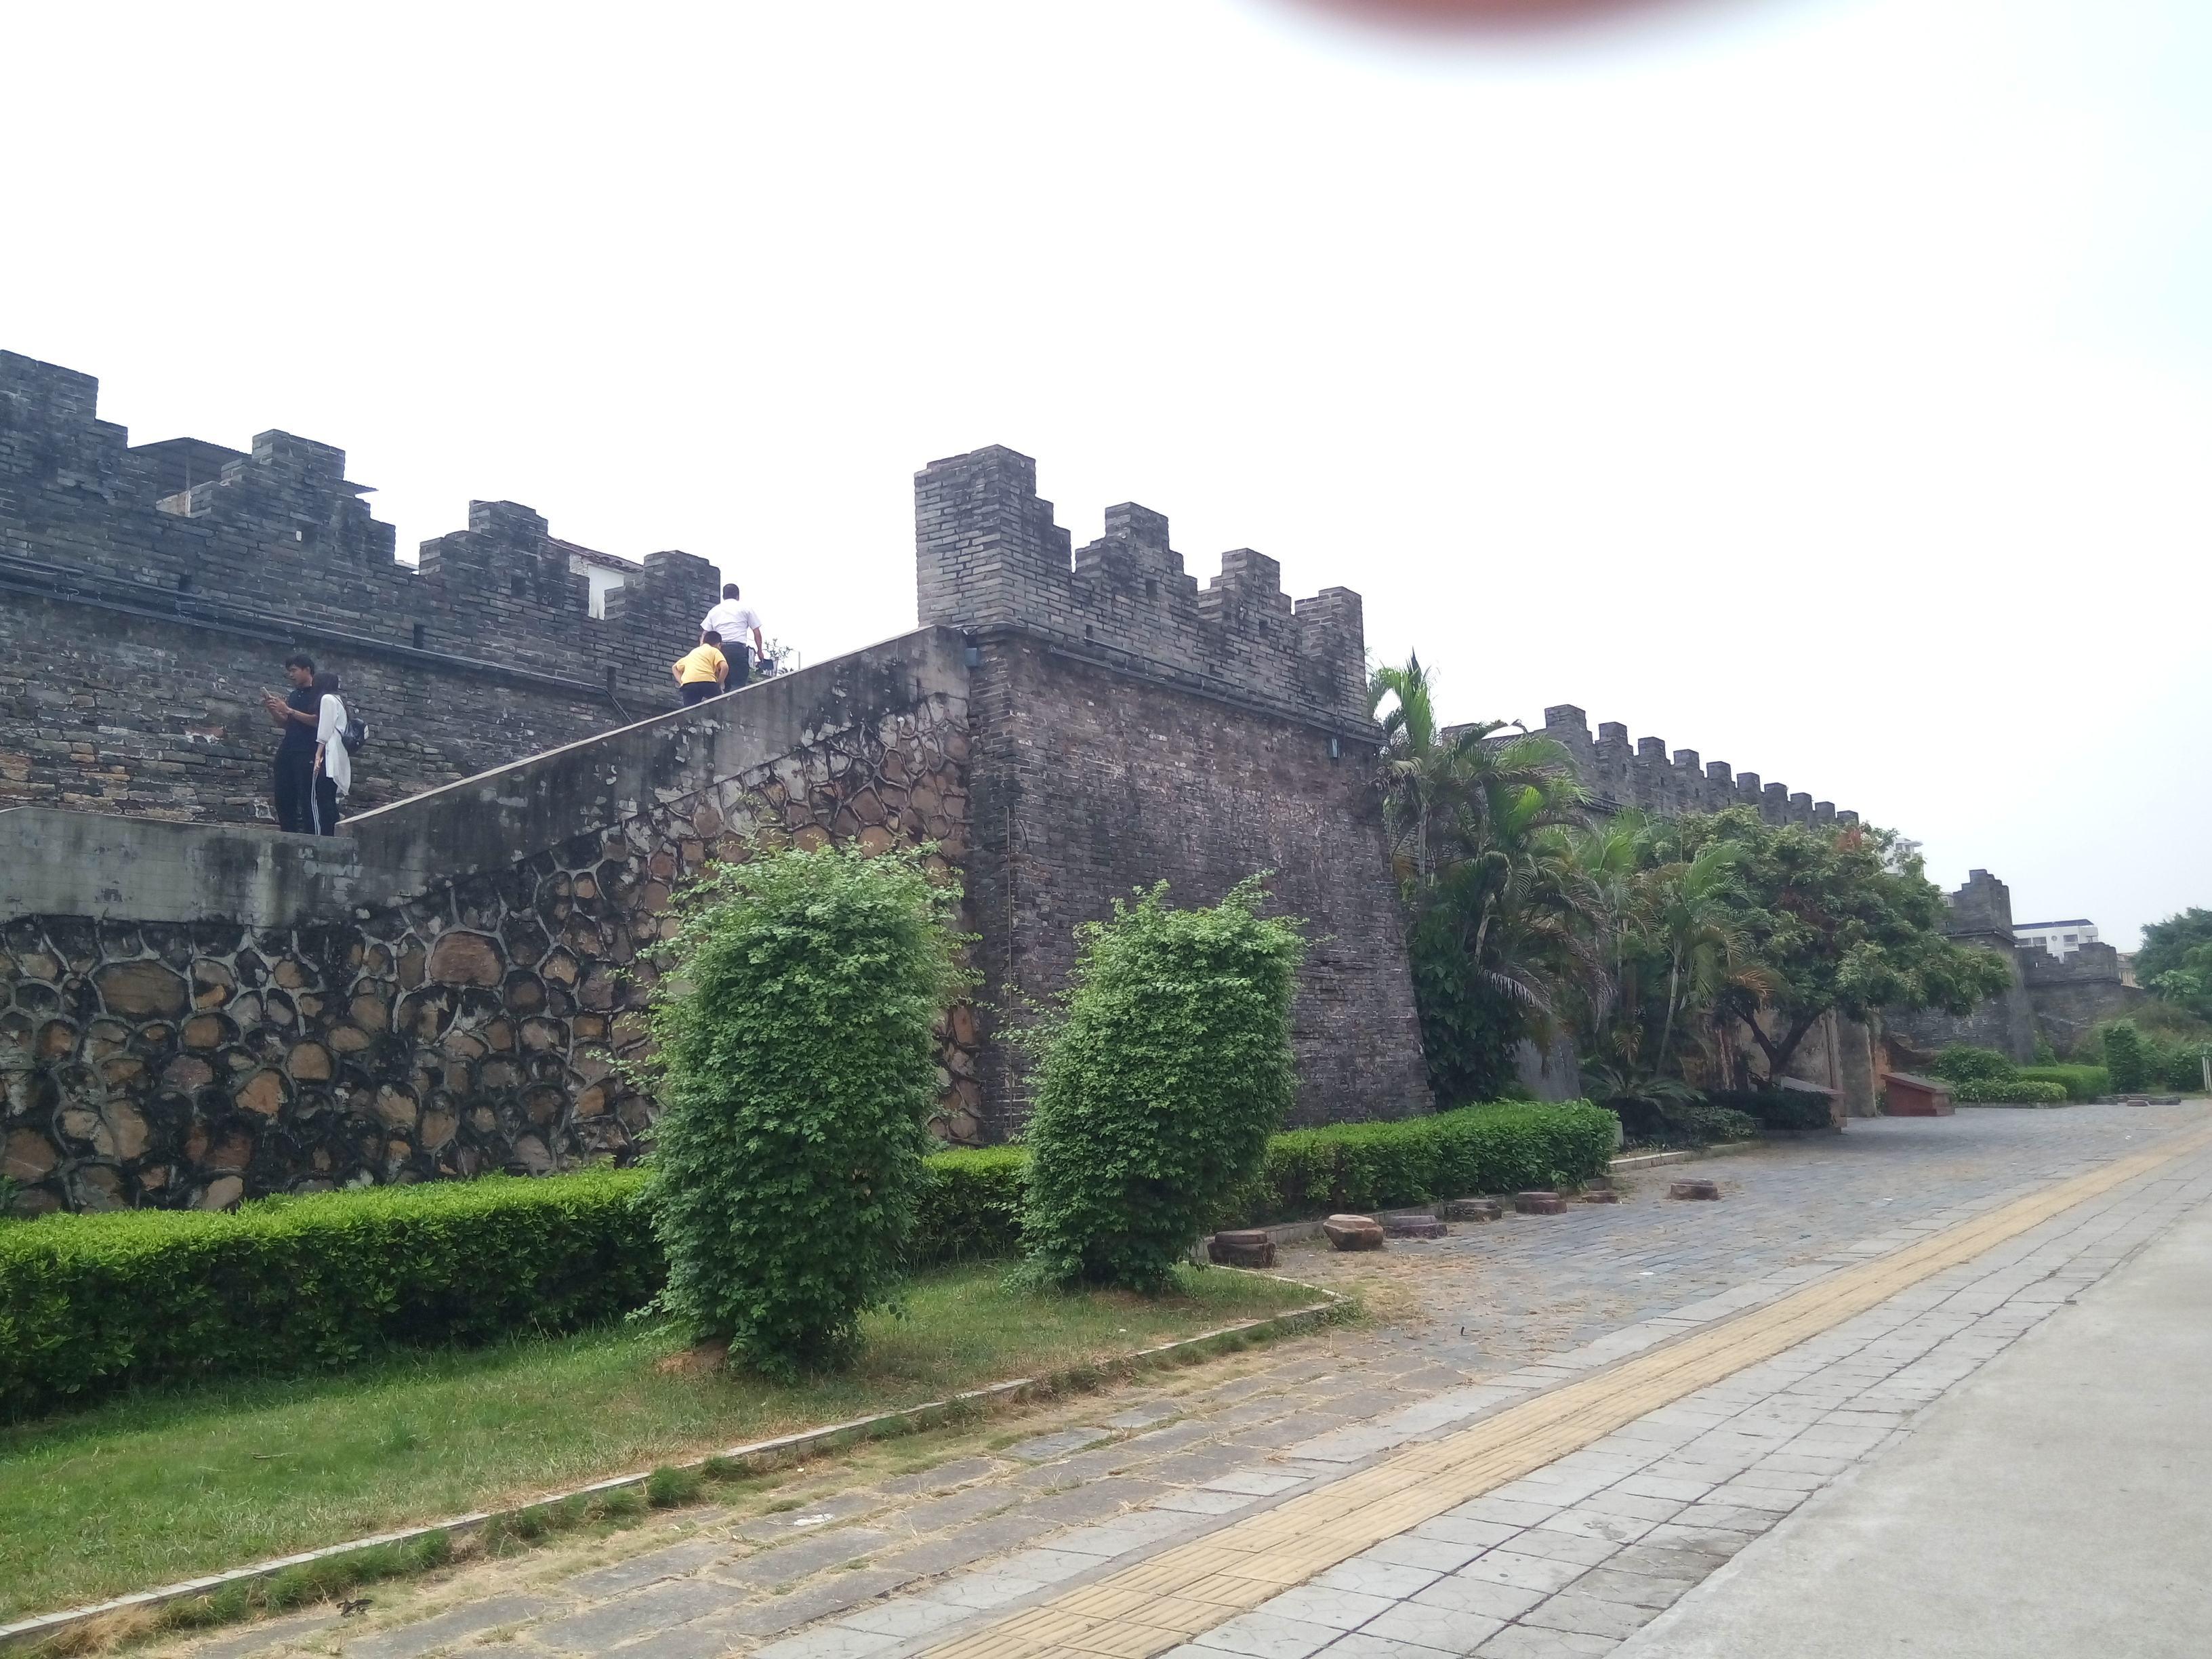 肇慶古城壁